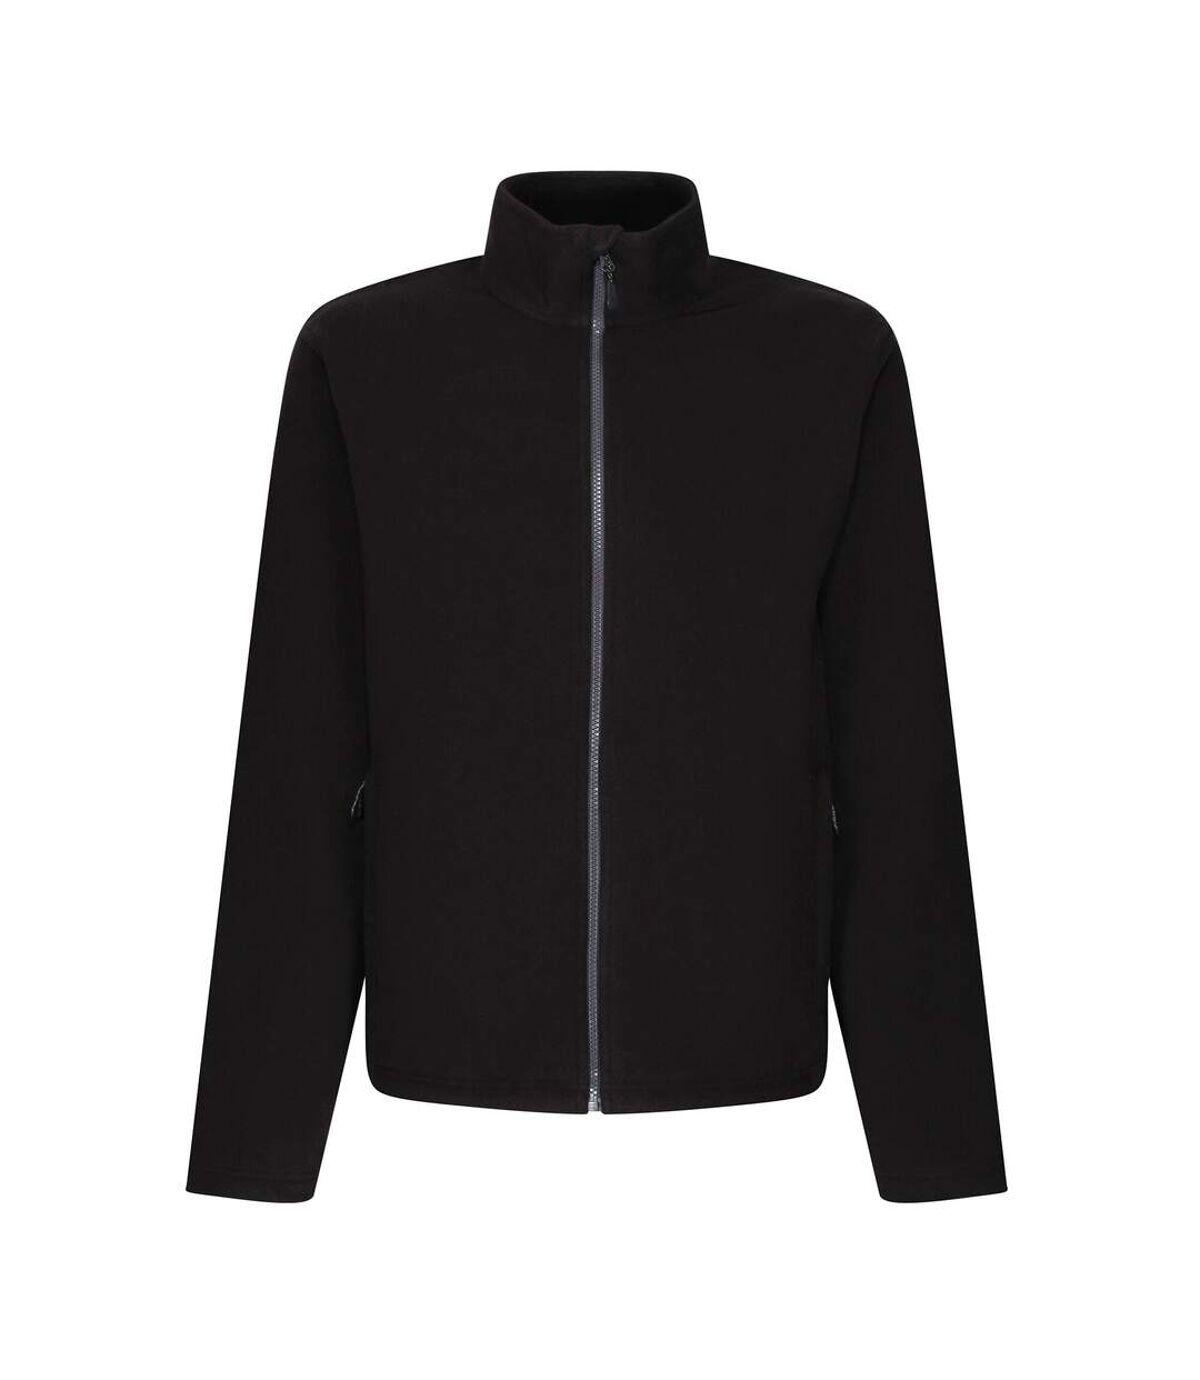 Regatta Mens Honestly Made Fleece Jacket (Black) - UTRG5554